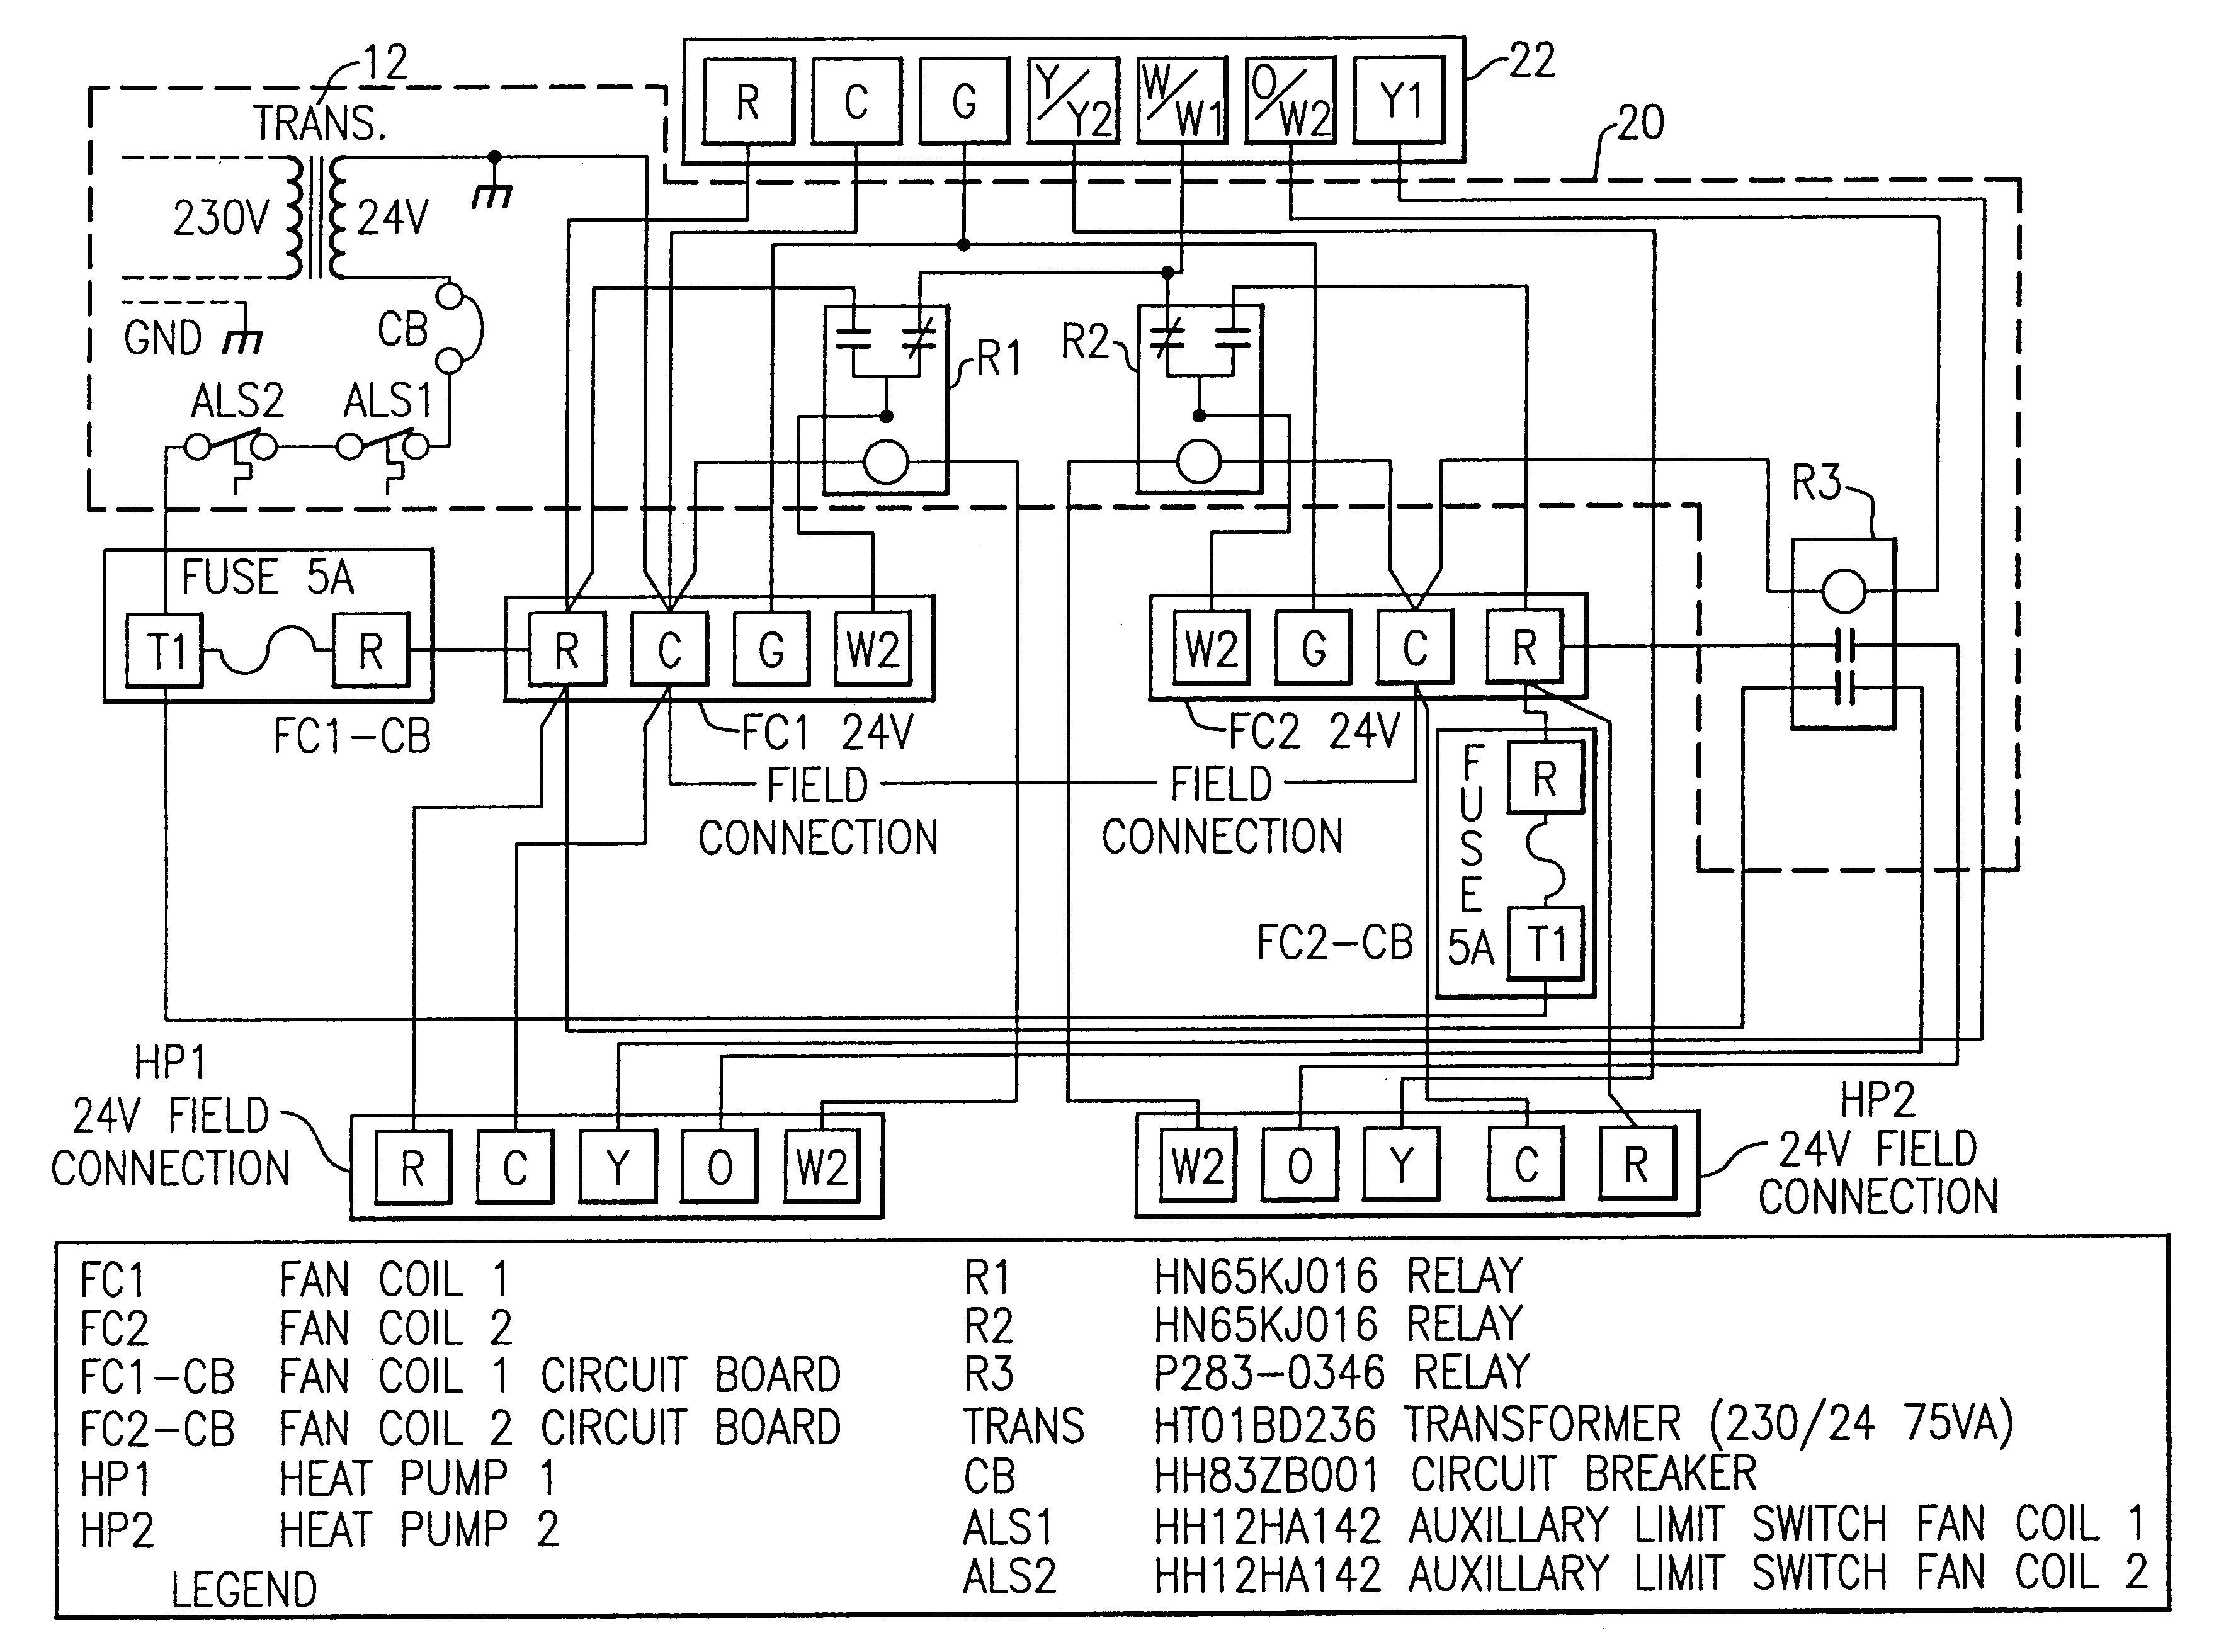 Ruud Heat Pump Wiring Diagram | My Wiring DIagram